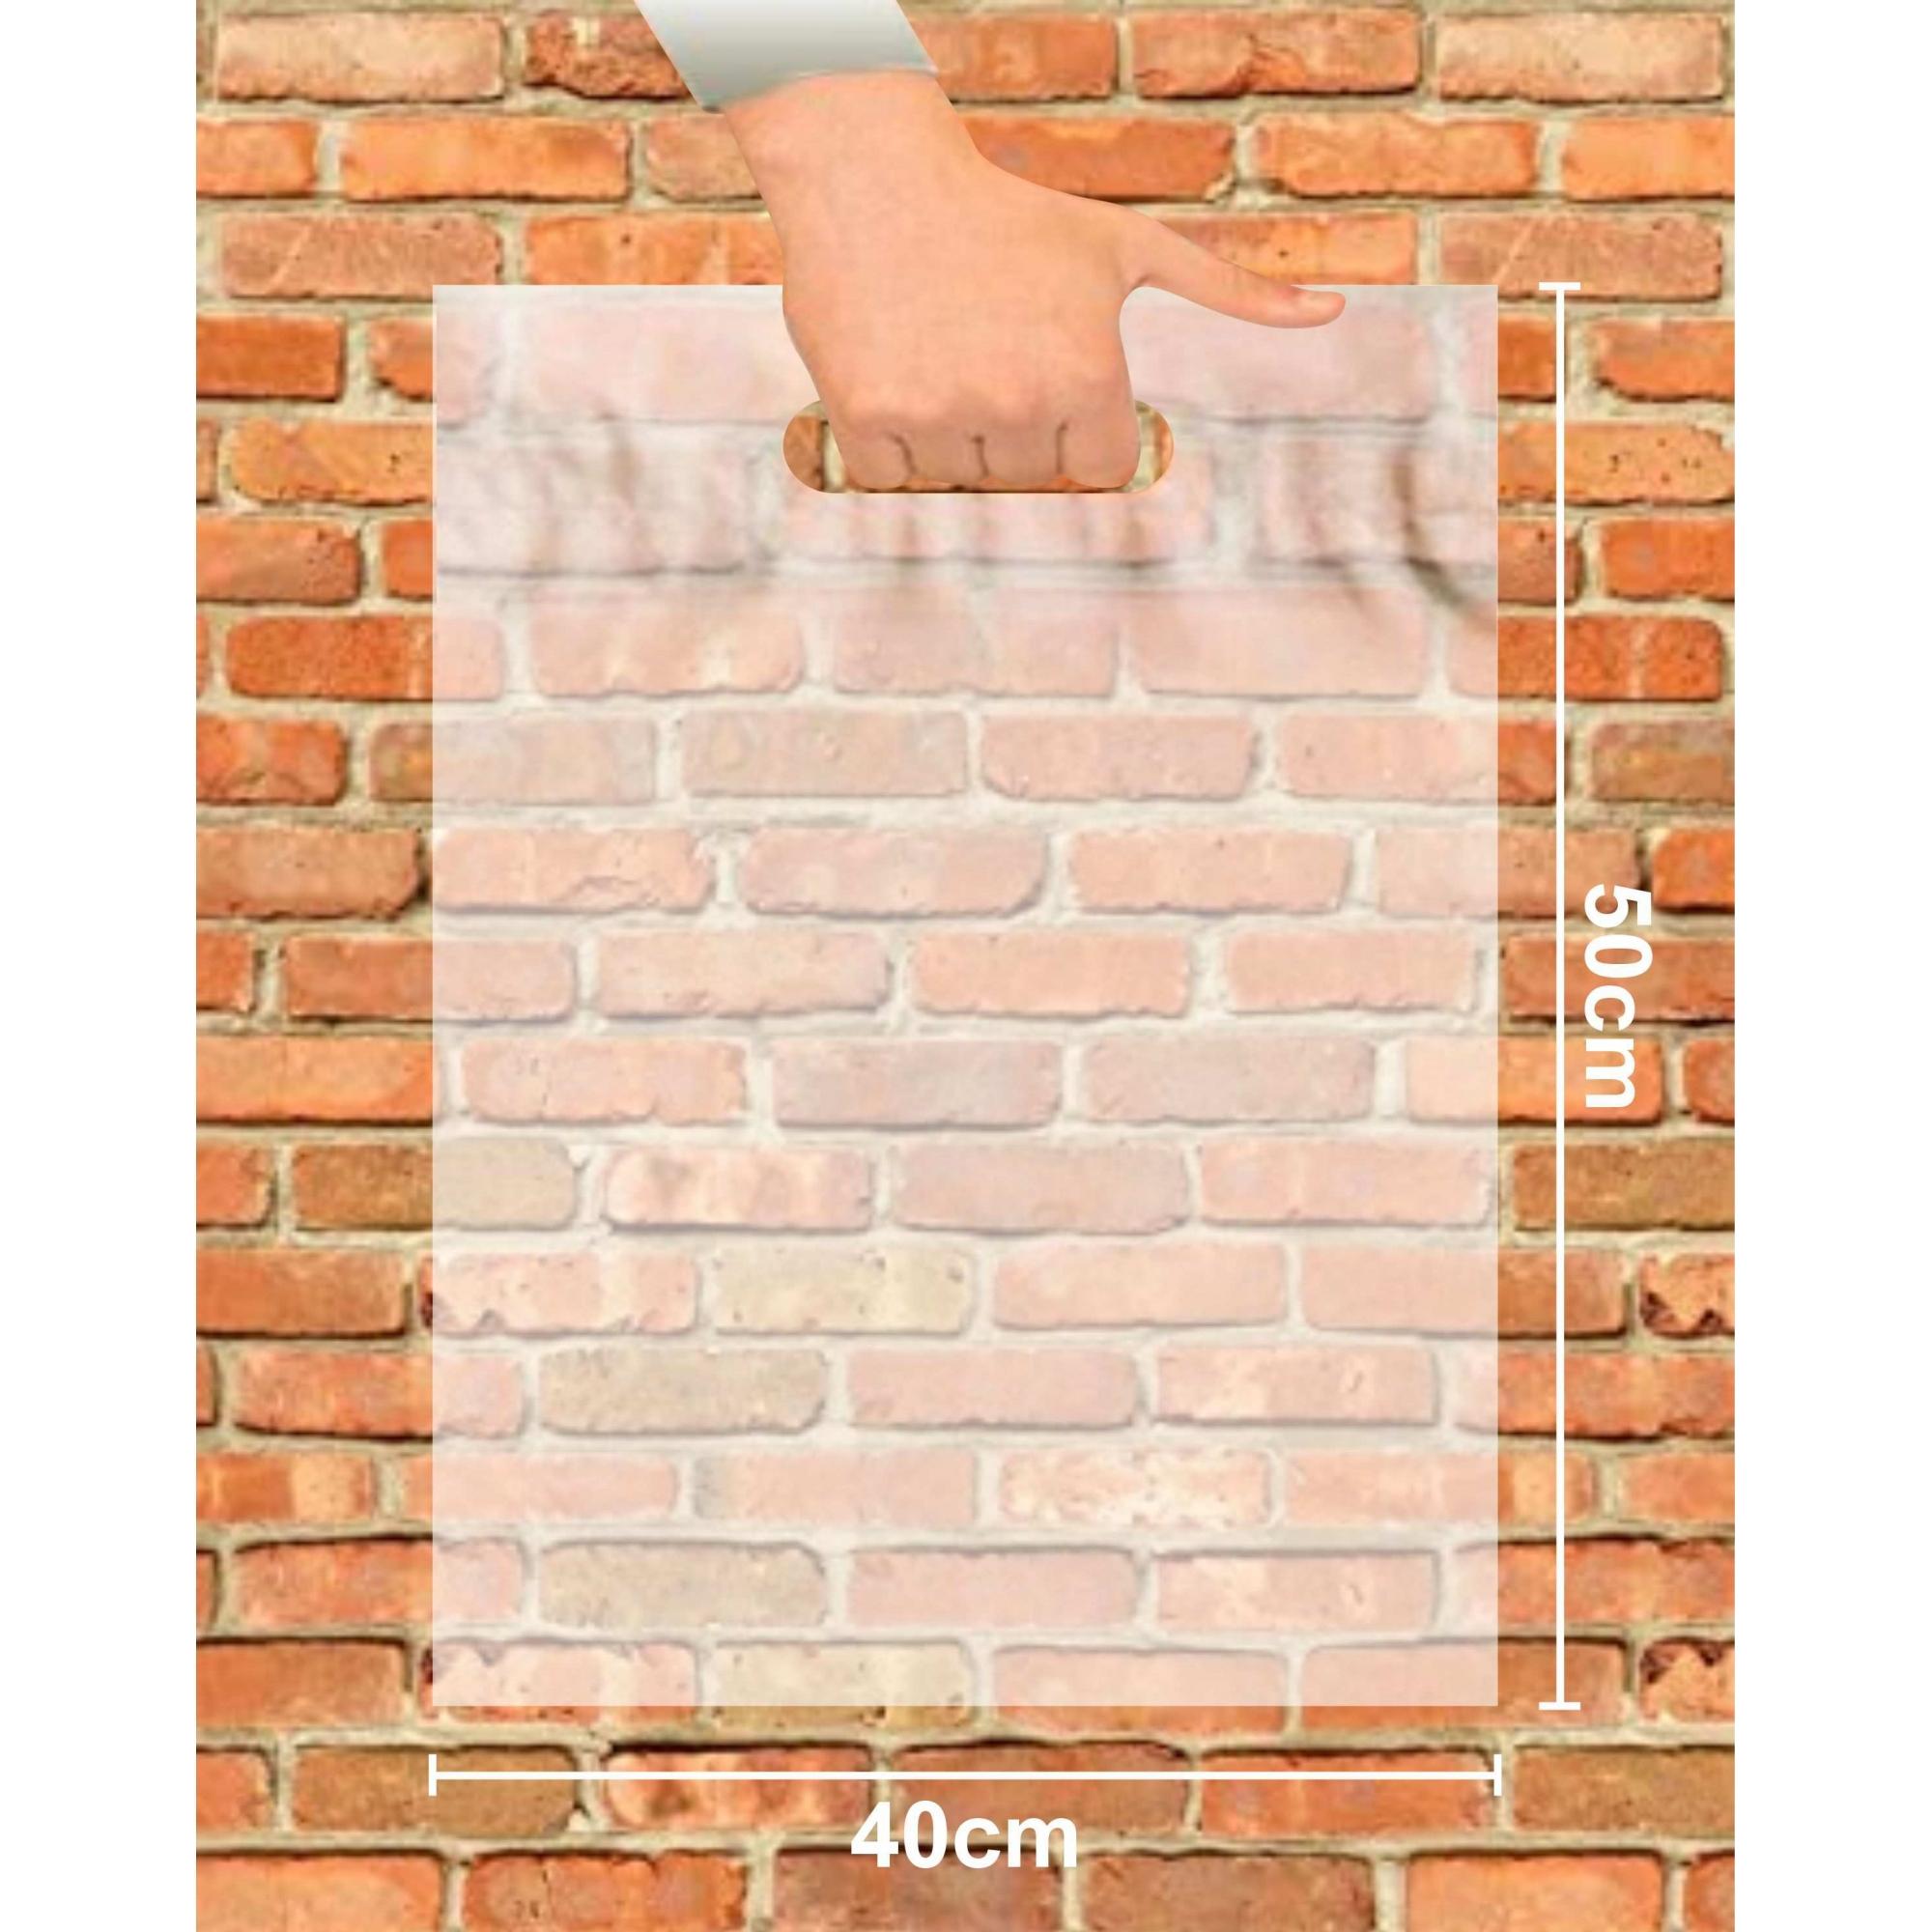 Sacola Plástica 40x50 Transparente Alça Boca de Palhaço 500 Unidades